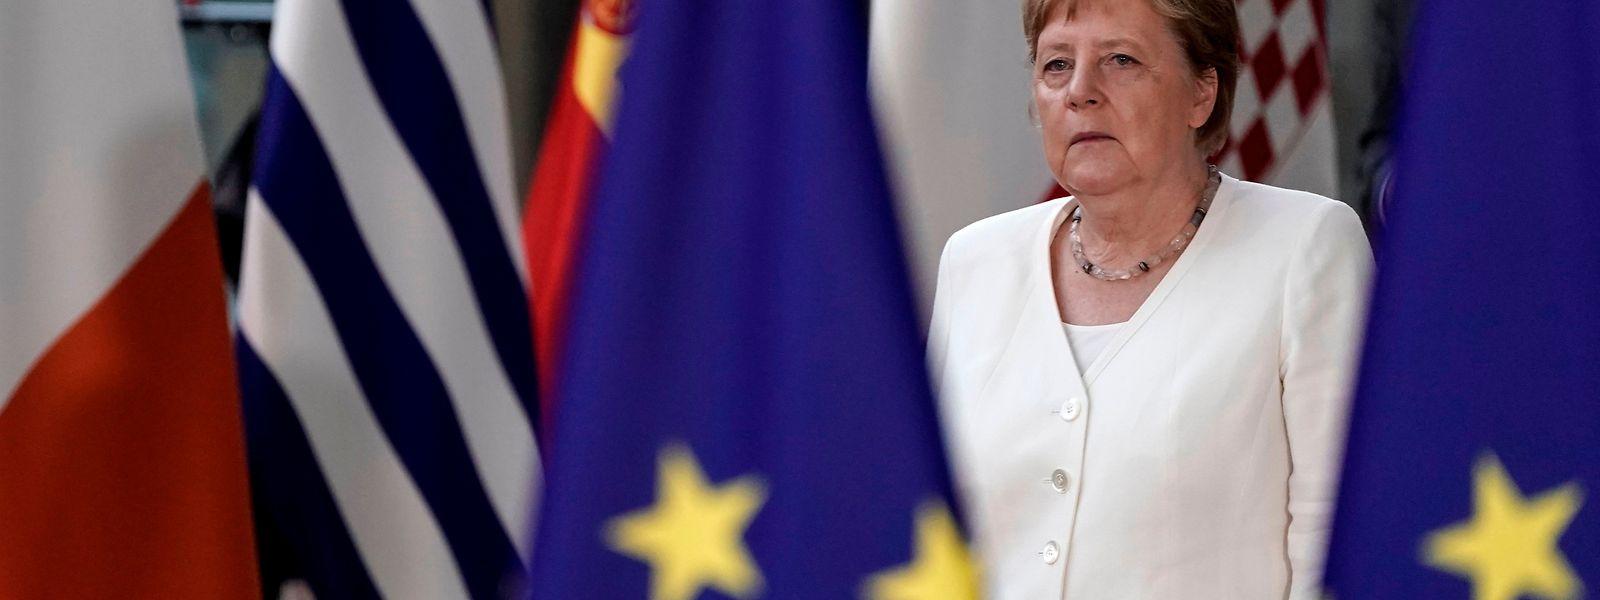 Angela Merkel konnte sich mit ihrem Vorschlag nicht durchsetzen.